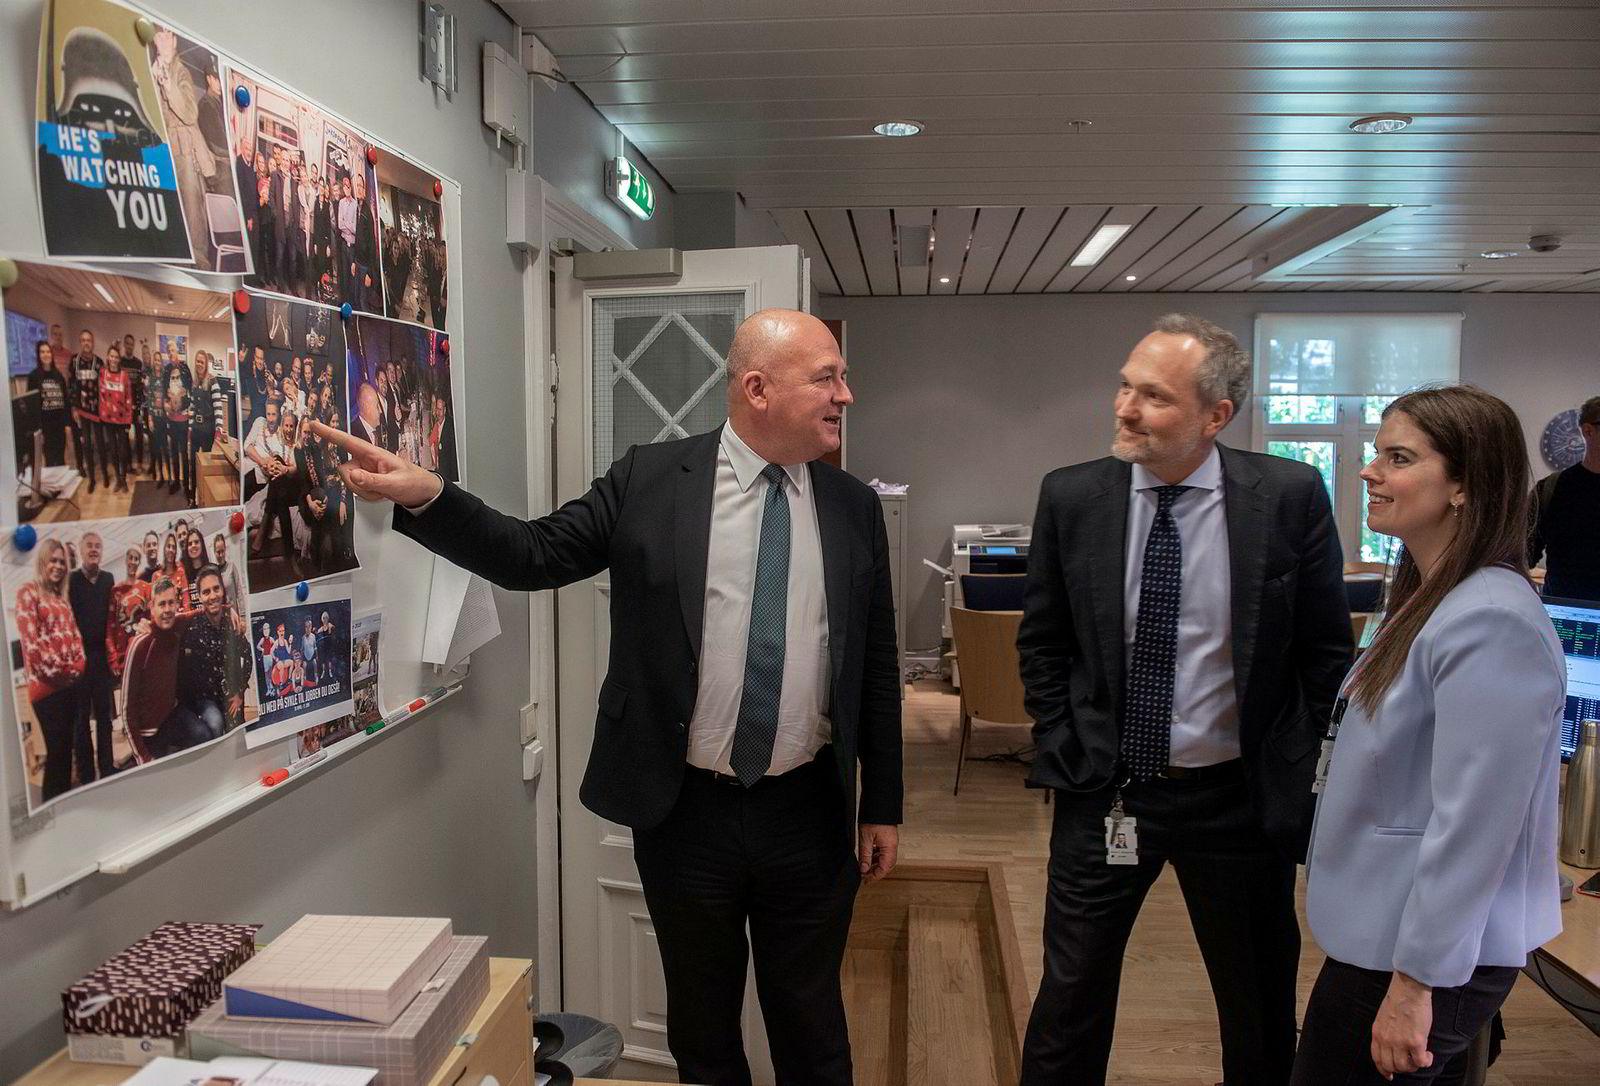 Euronext-sjef Stéphane Boujnah (til venstre) møtte før helgen de ansatte i Oslo Børs, og syntes det var gøy å se festbilder på veggene. Her sammen med børsdirektør Håvard S. Abrahamsen og Pernille Woxen Burum i børsens avdeling for markedsovervåkning.